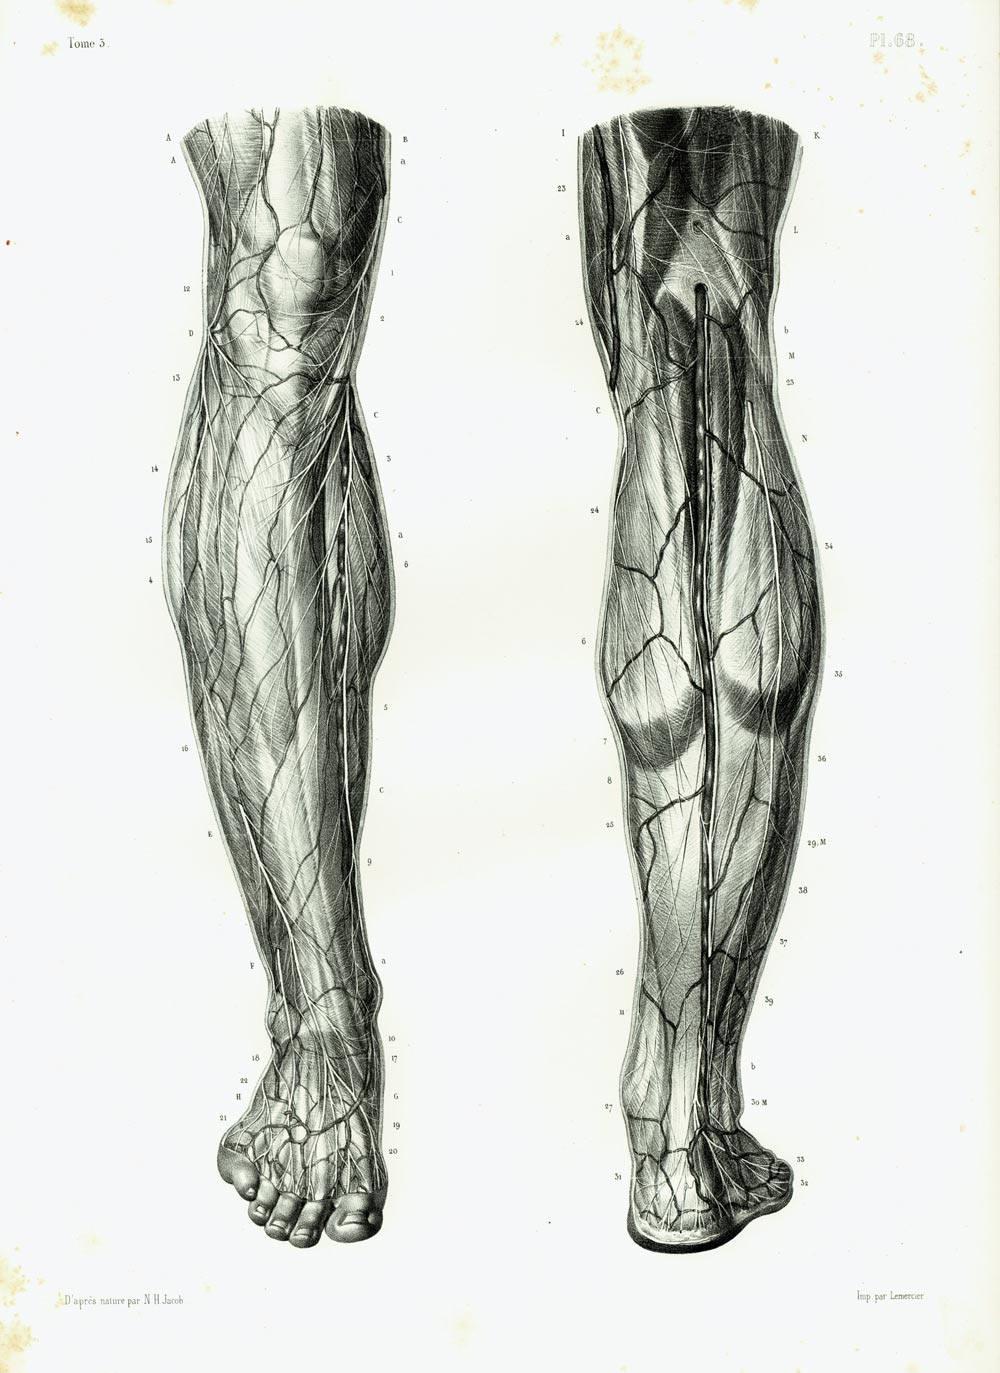 Wunderbar Nerven Des Beines Zeitgenössisch - Menschliche Anatomie ...